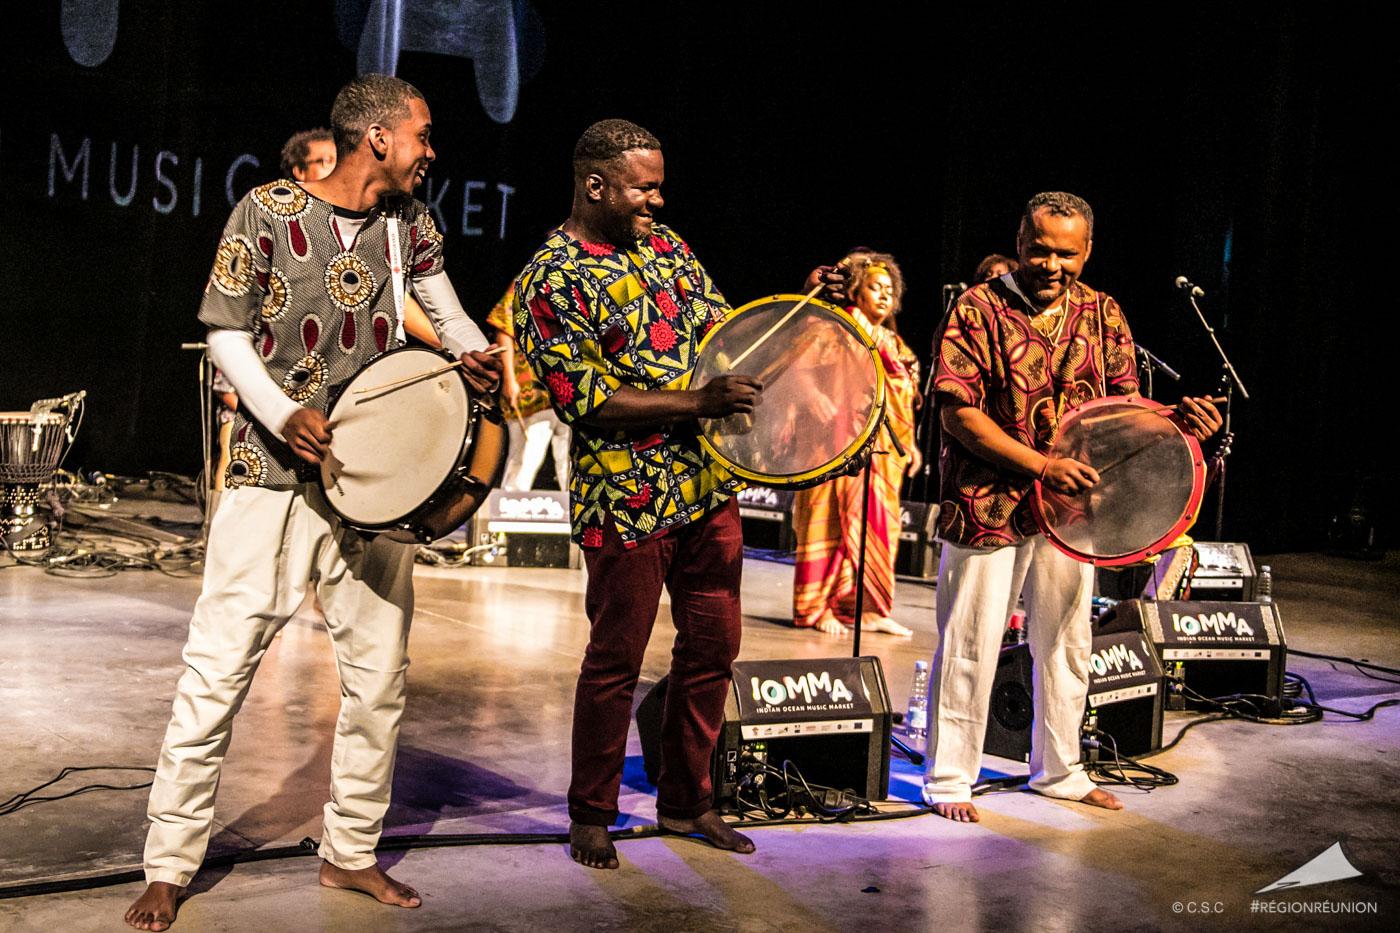 Le IOMMA, un rendez-vous international pour la professionnalisation des artistes réunionnais